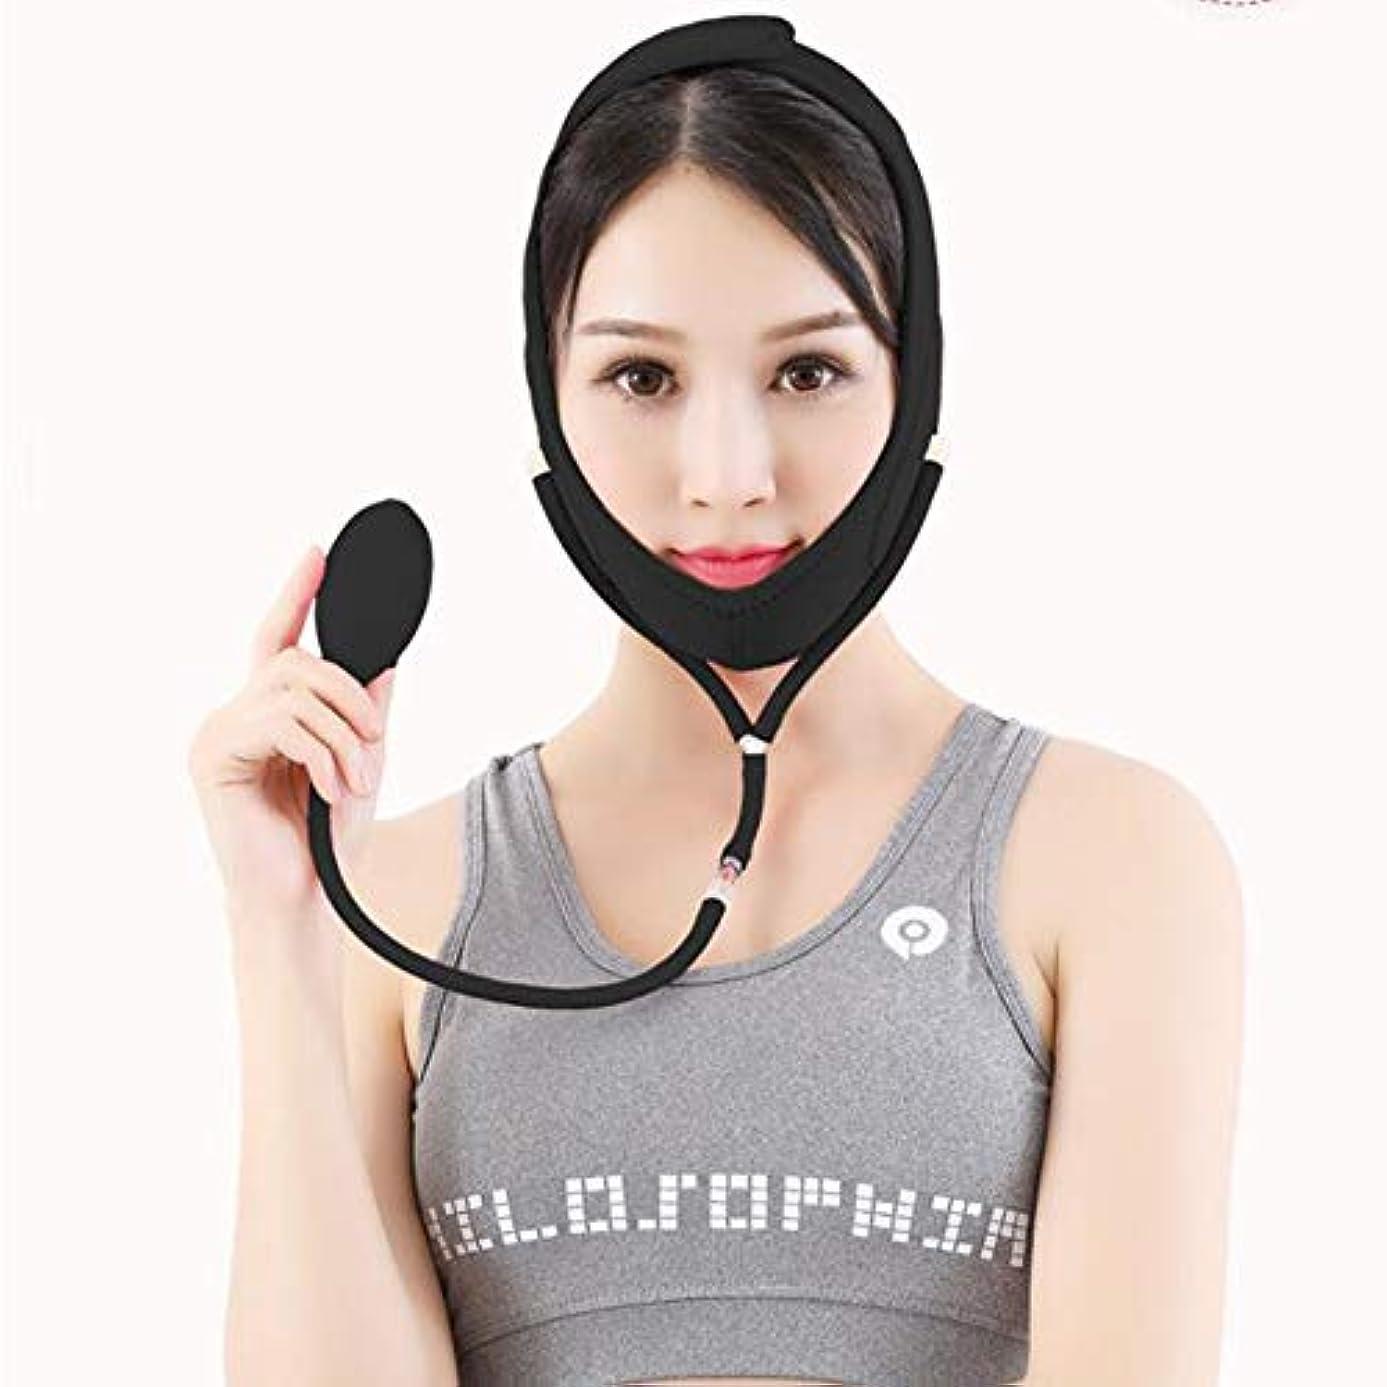 問い合わせ見る人関係飛強強 フェイシャルリフティング痩身ベルトダブルエアバッグ圧力調整フェイス包帯マスク整形マスクが顔を引き締める スリムフィット美容ツール (Color : Black, Size : M)